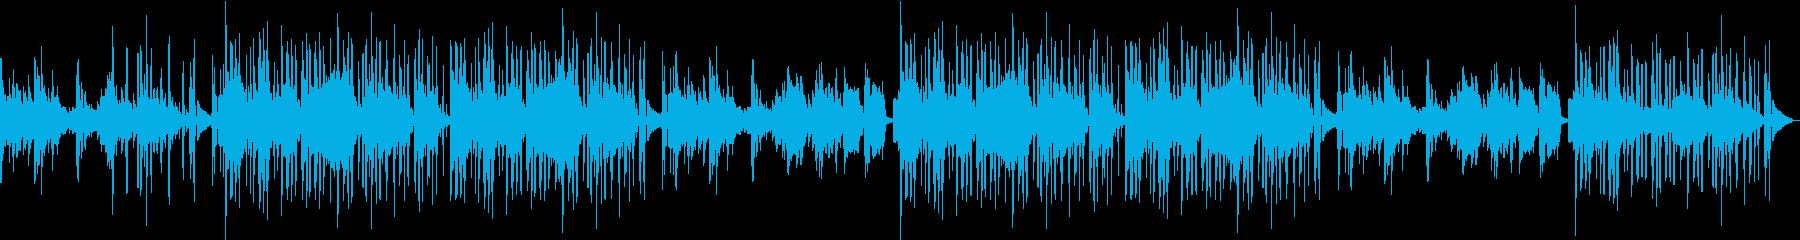 ピアノ・綺麗・シティ・夜・センチメンタルの再生済みの波形